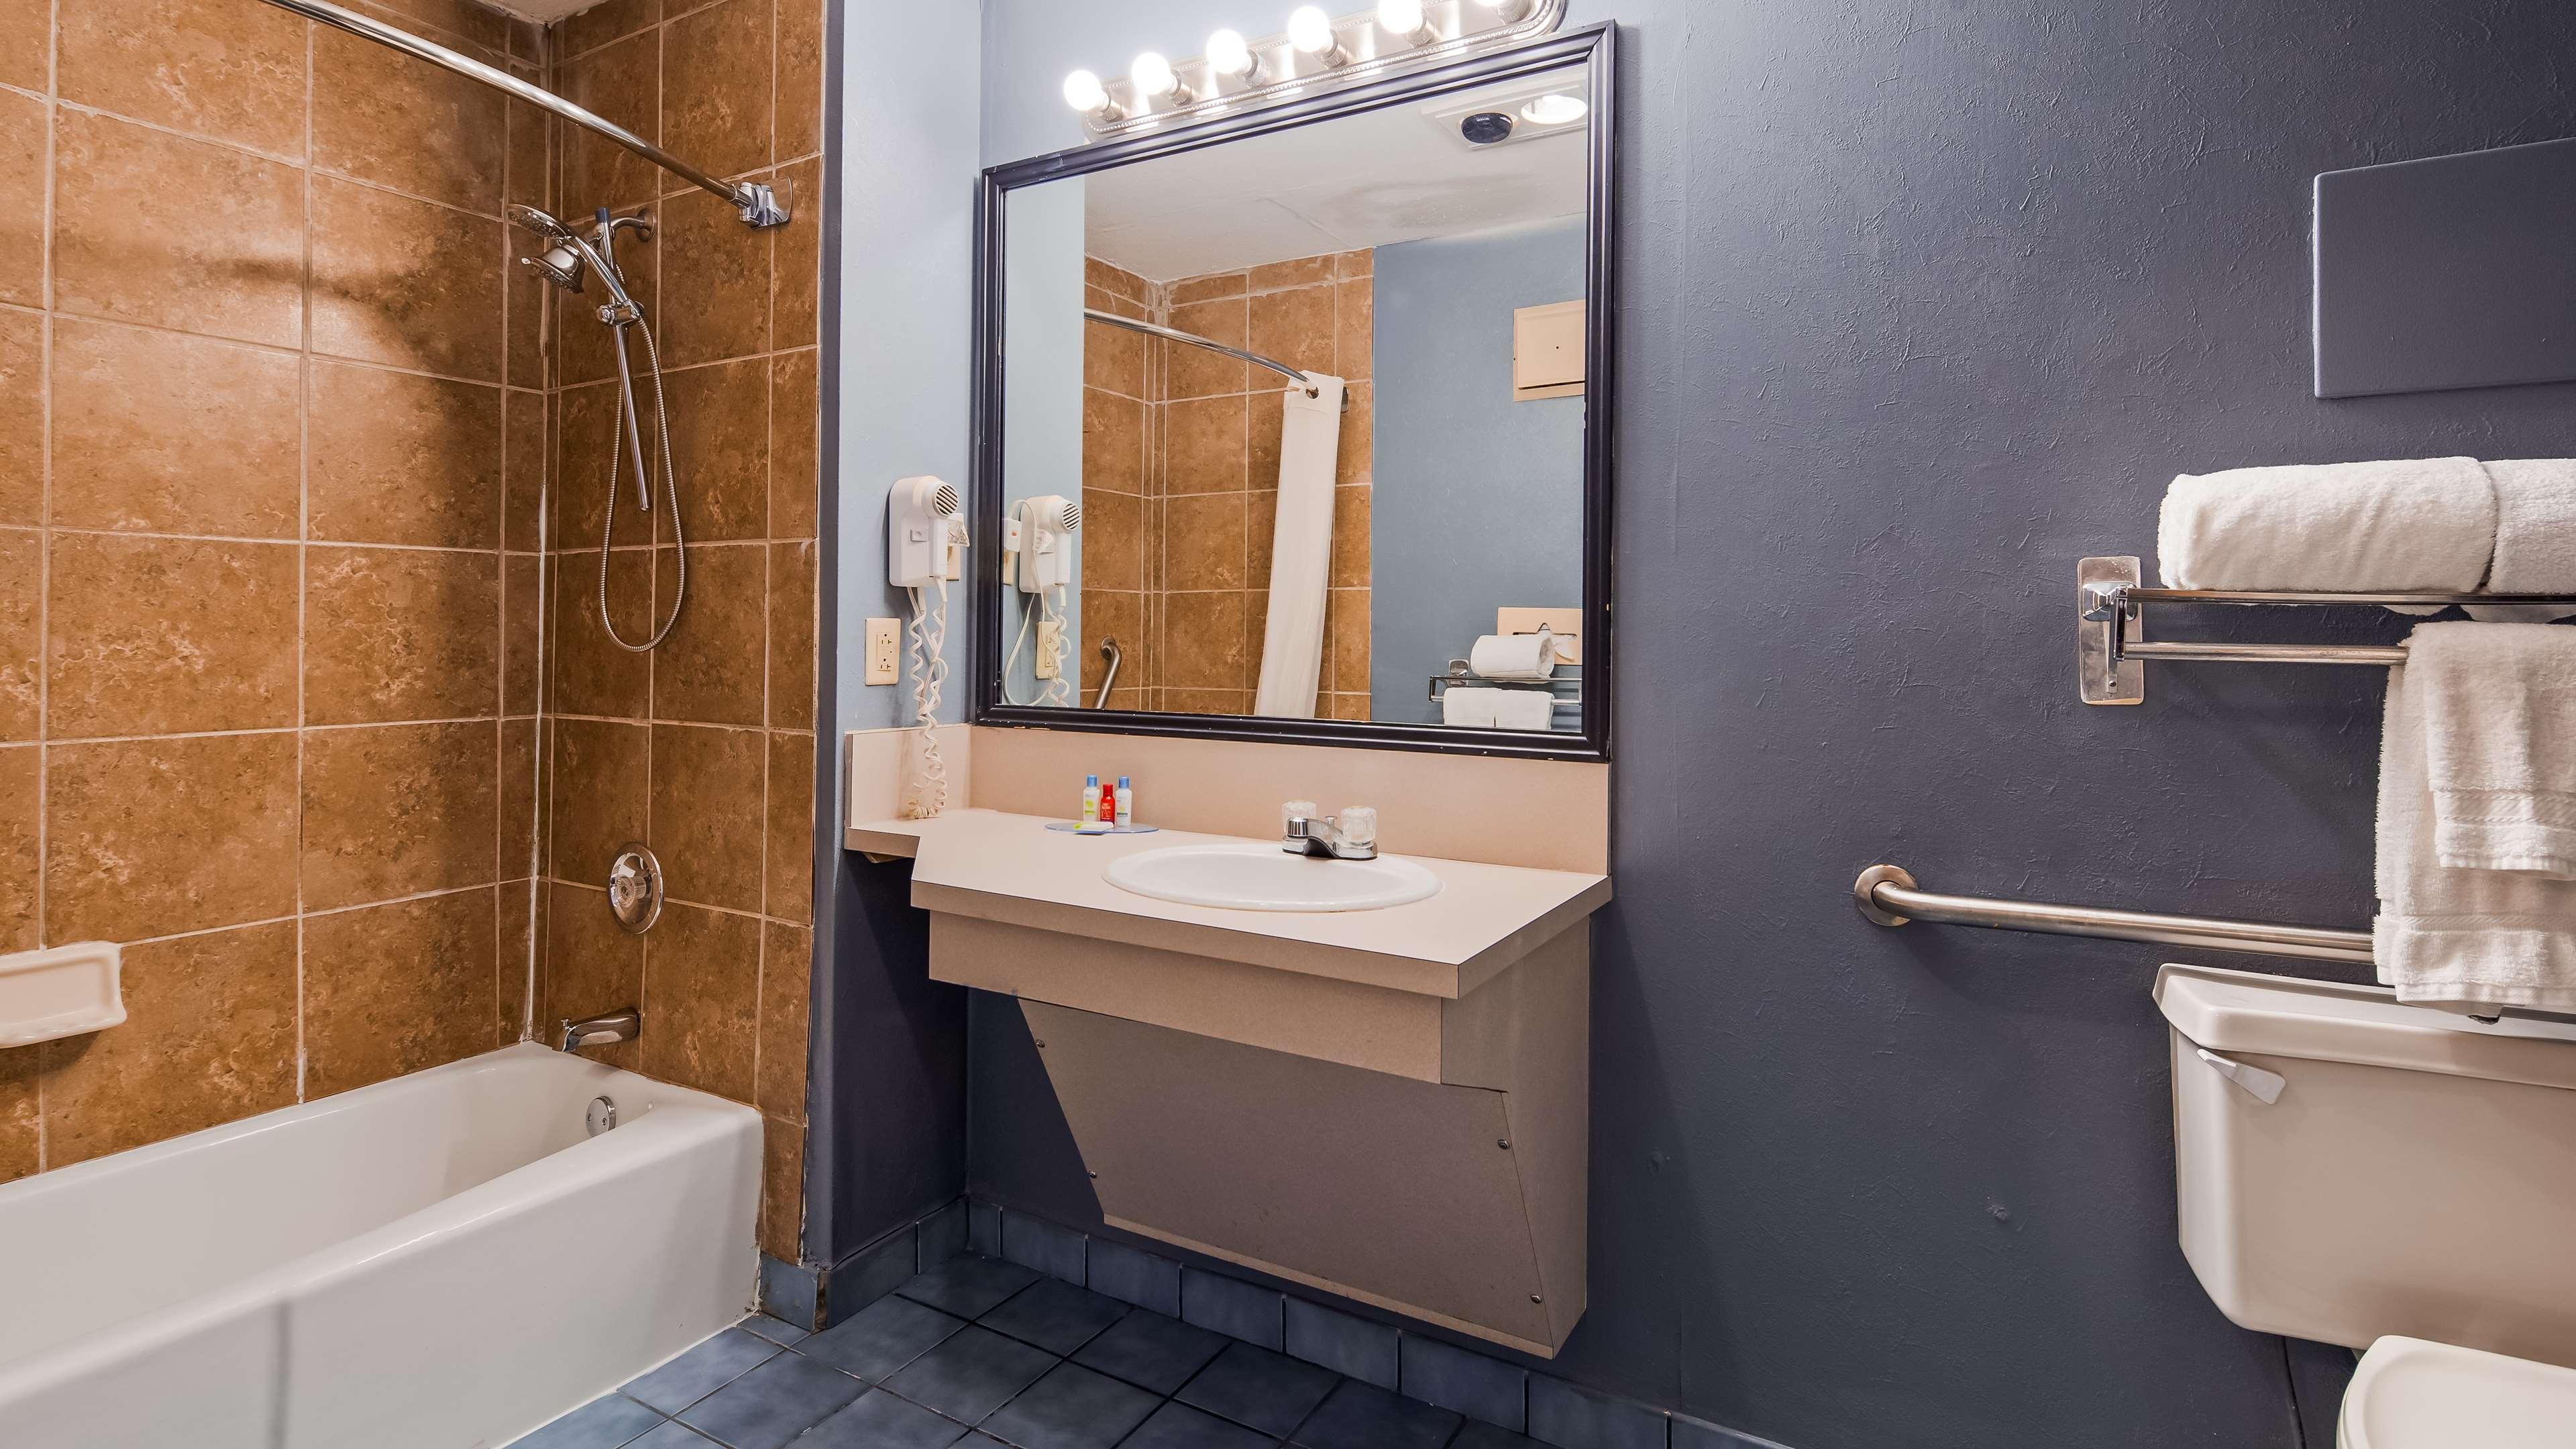 SureStay Plus Hotel by Best Western Fayetteville image 19